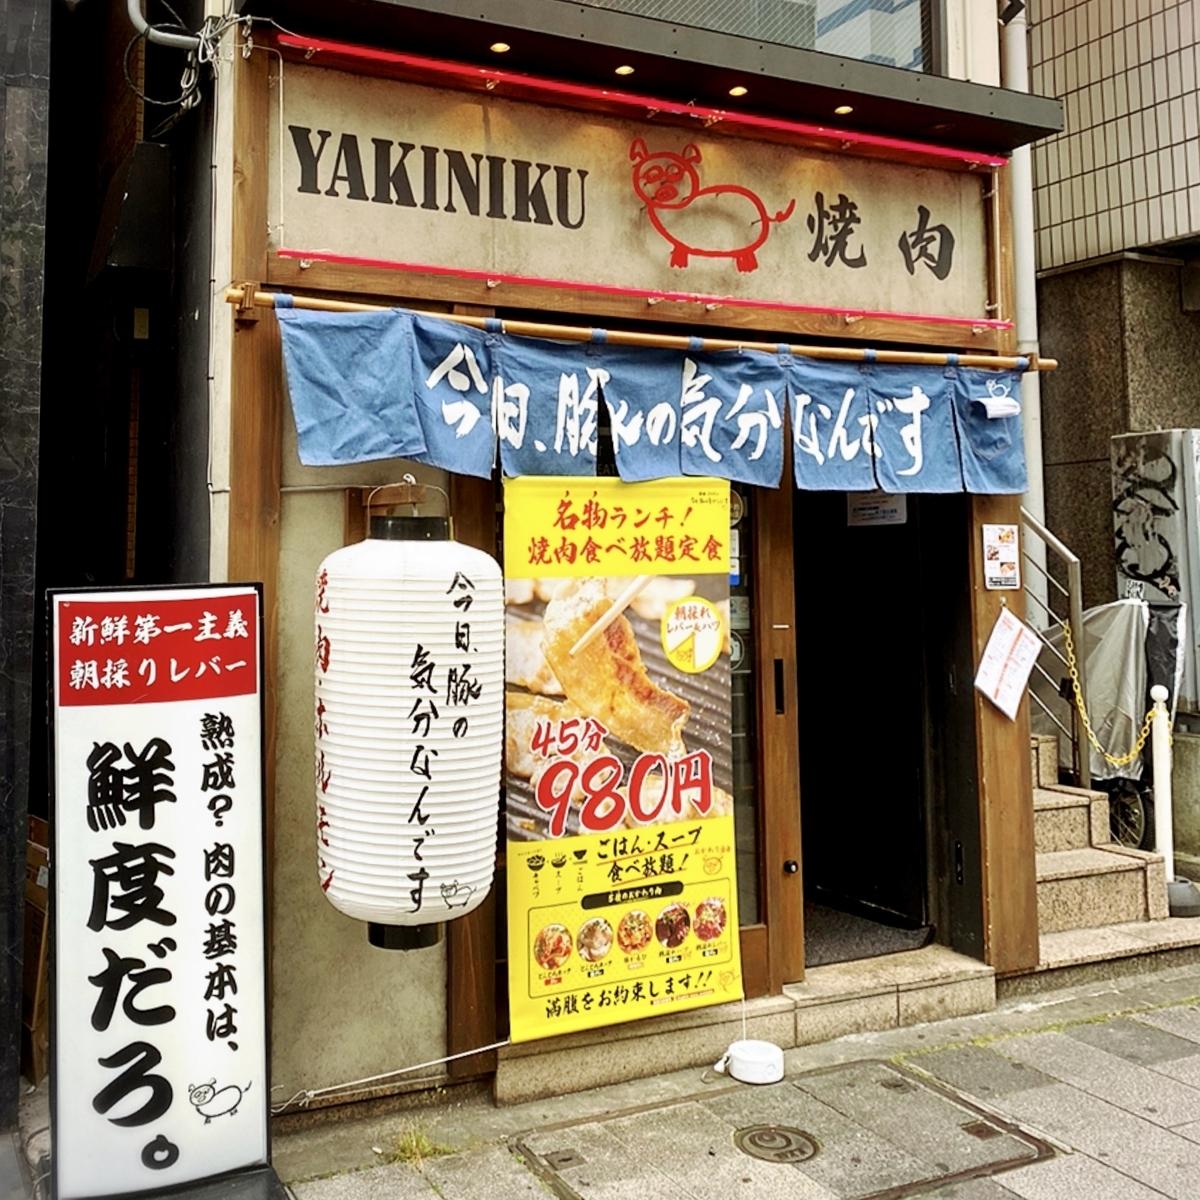 【新宿御苑】45分980円で焼肉食べ放題をランチで堪能できるお店2